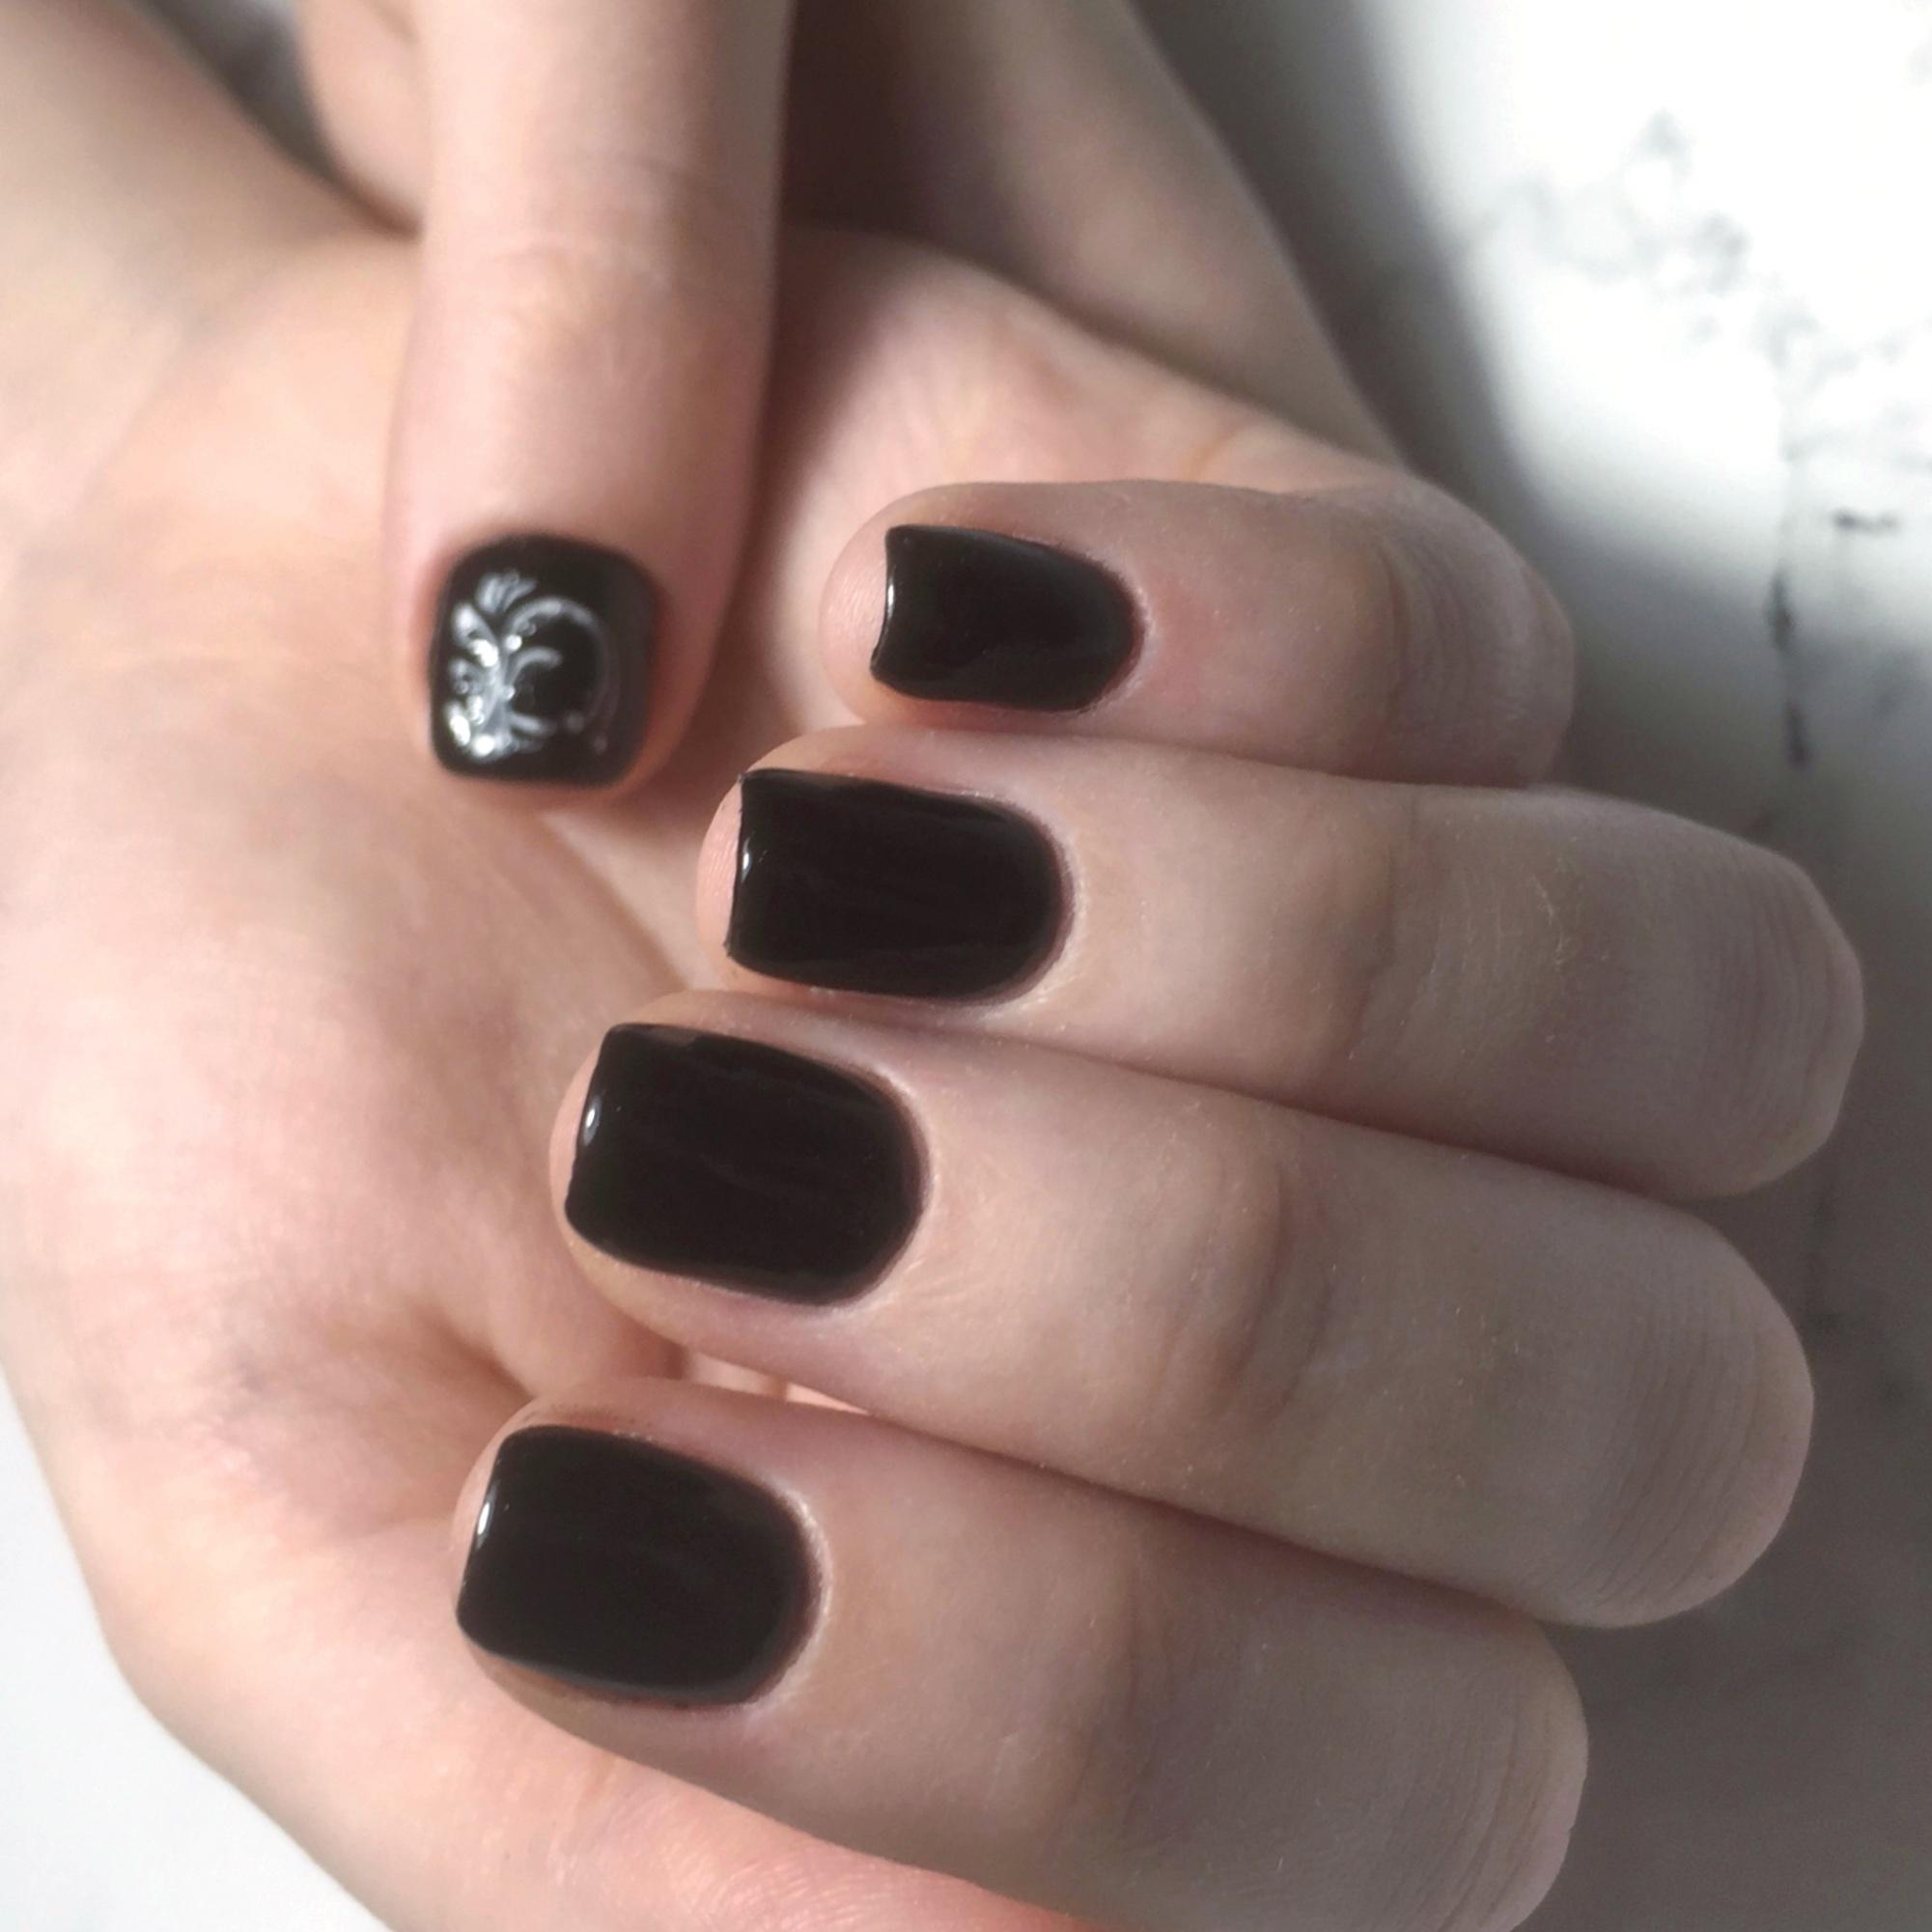 Маникюр с серебряным рисунком в черном цвете.